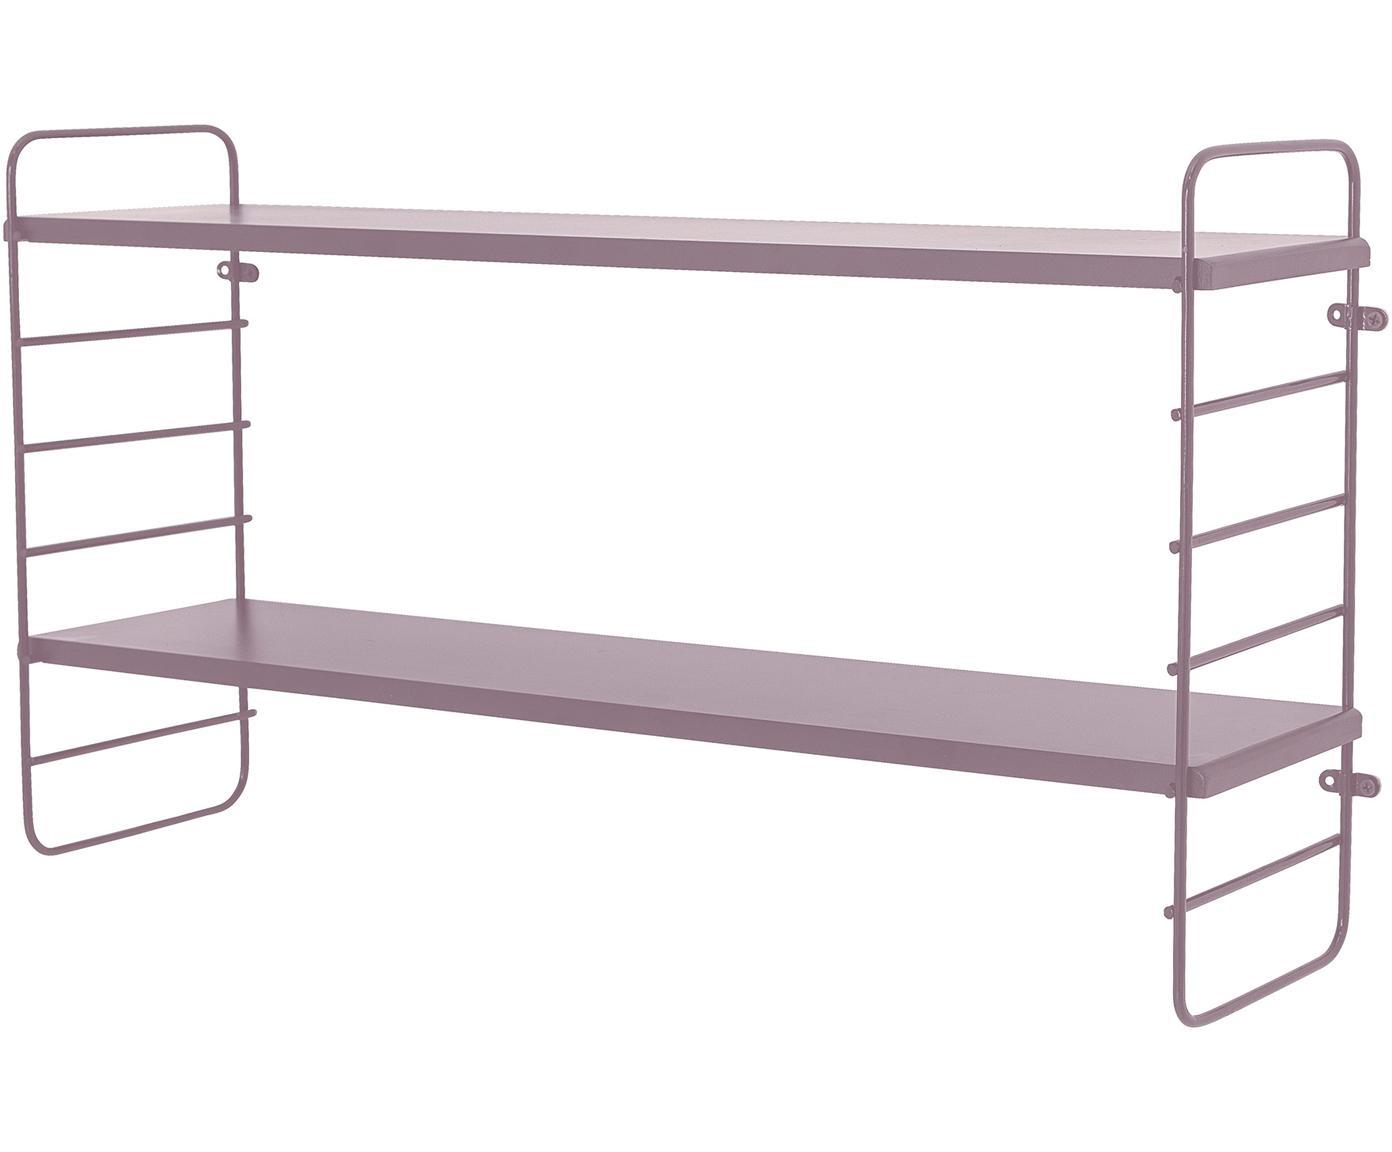 Wandregal Kimi, Rosa, 65 x 35 cm